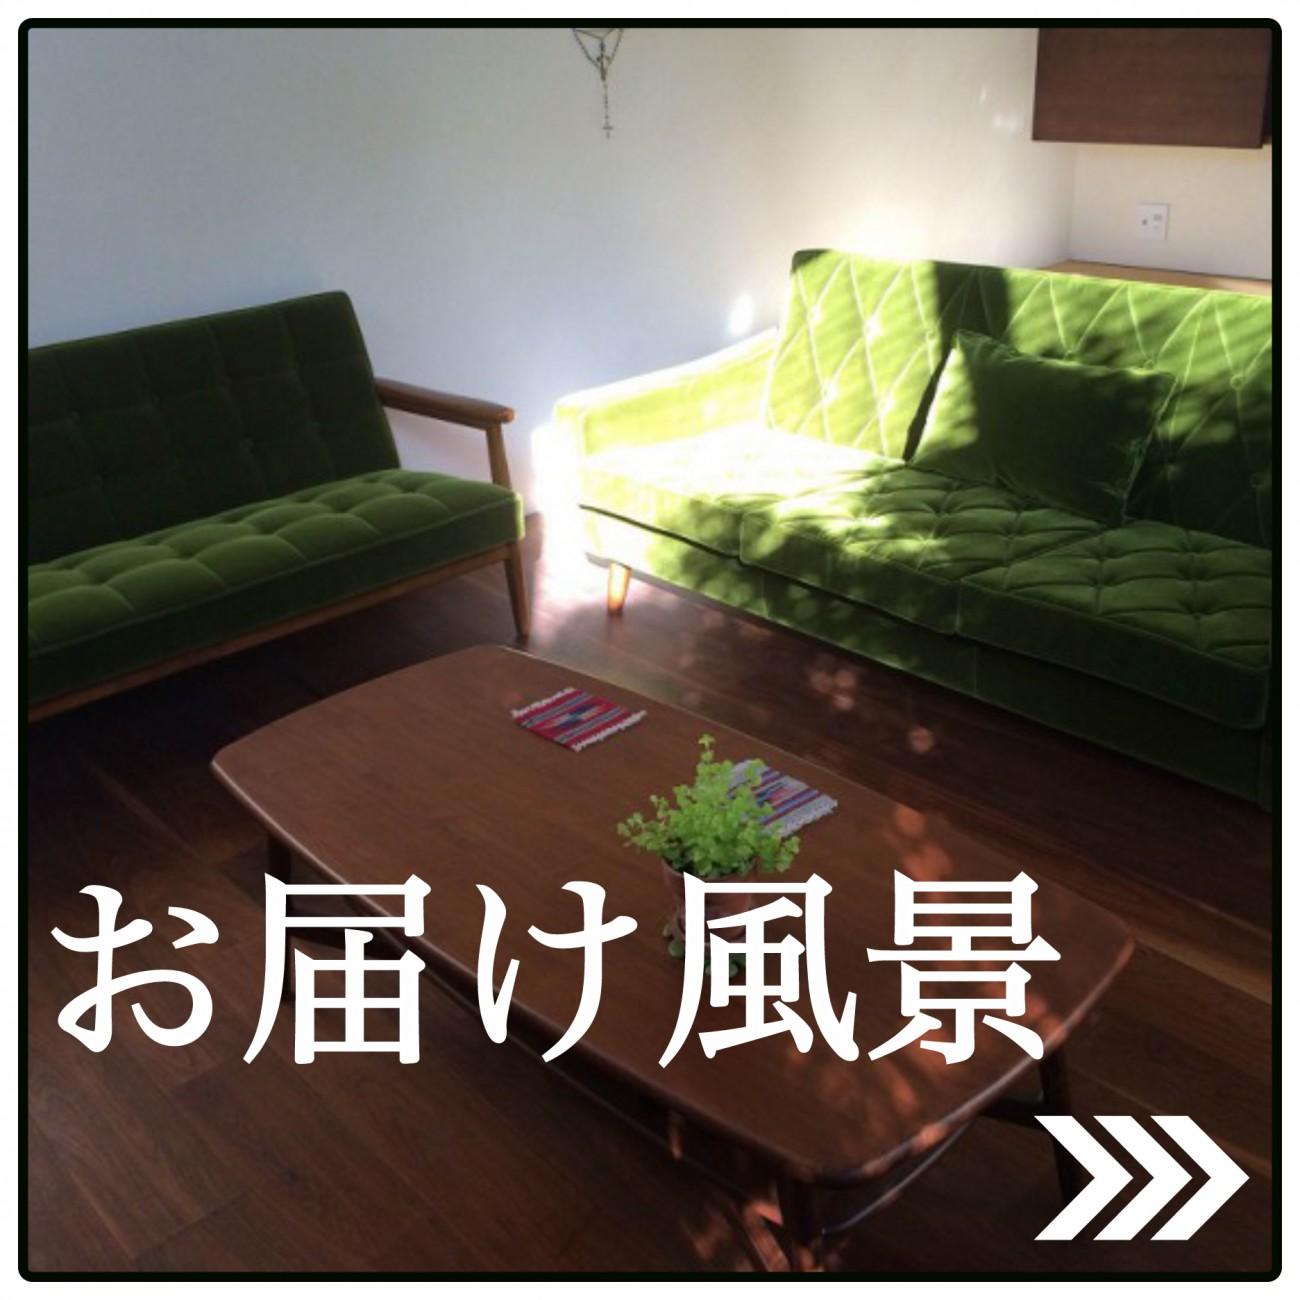 カリモク60の家具のお届け風景